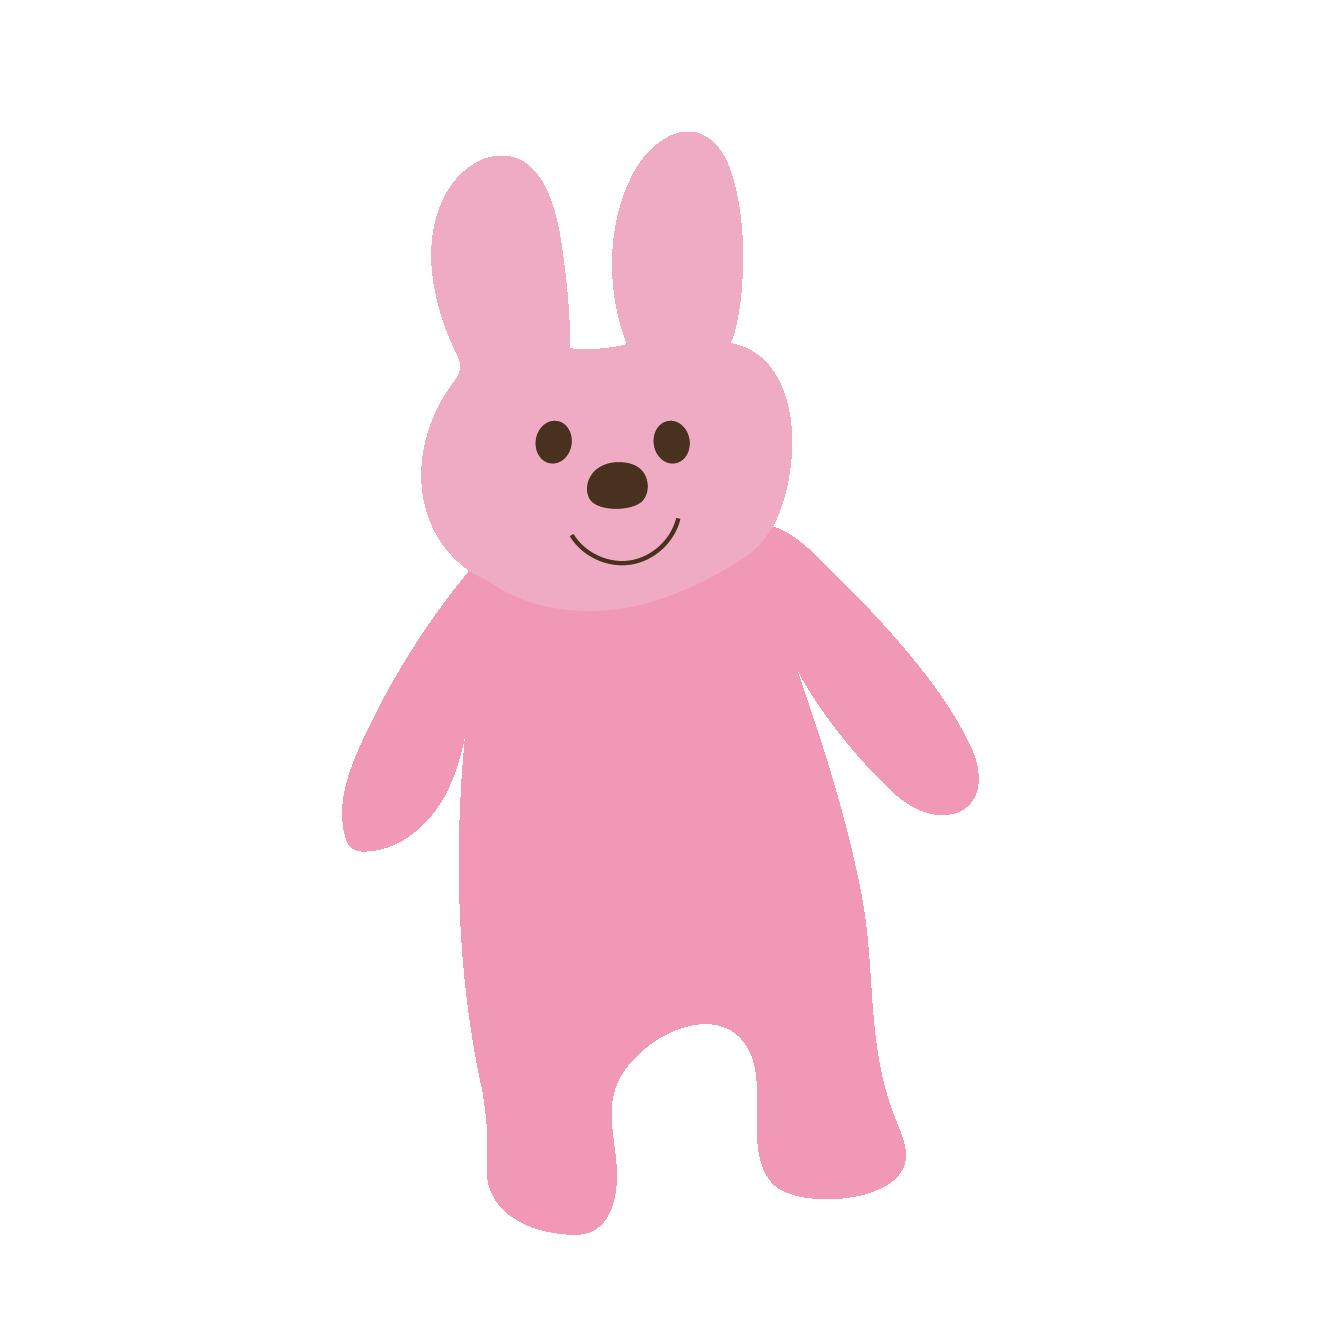 立っているうさぎ(ウサギ)ニコニコイラスト【動物】 | 商用フリー